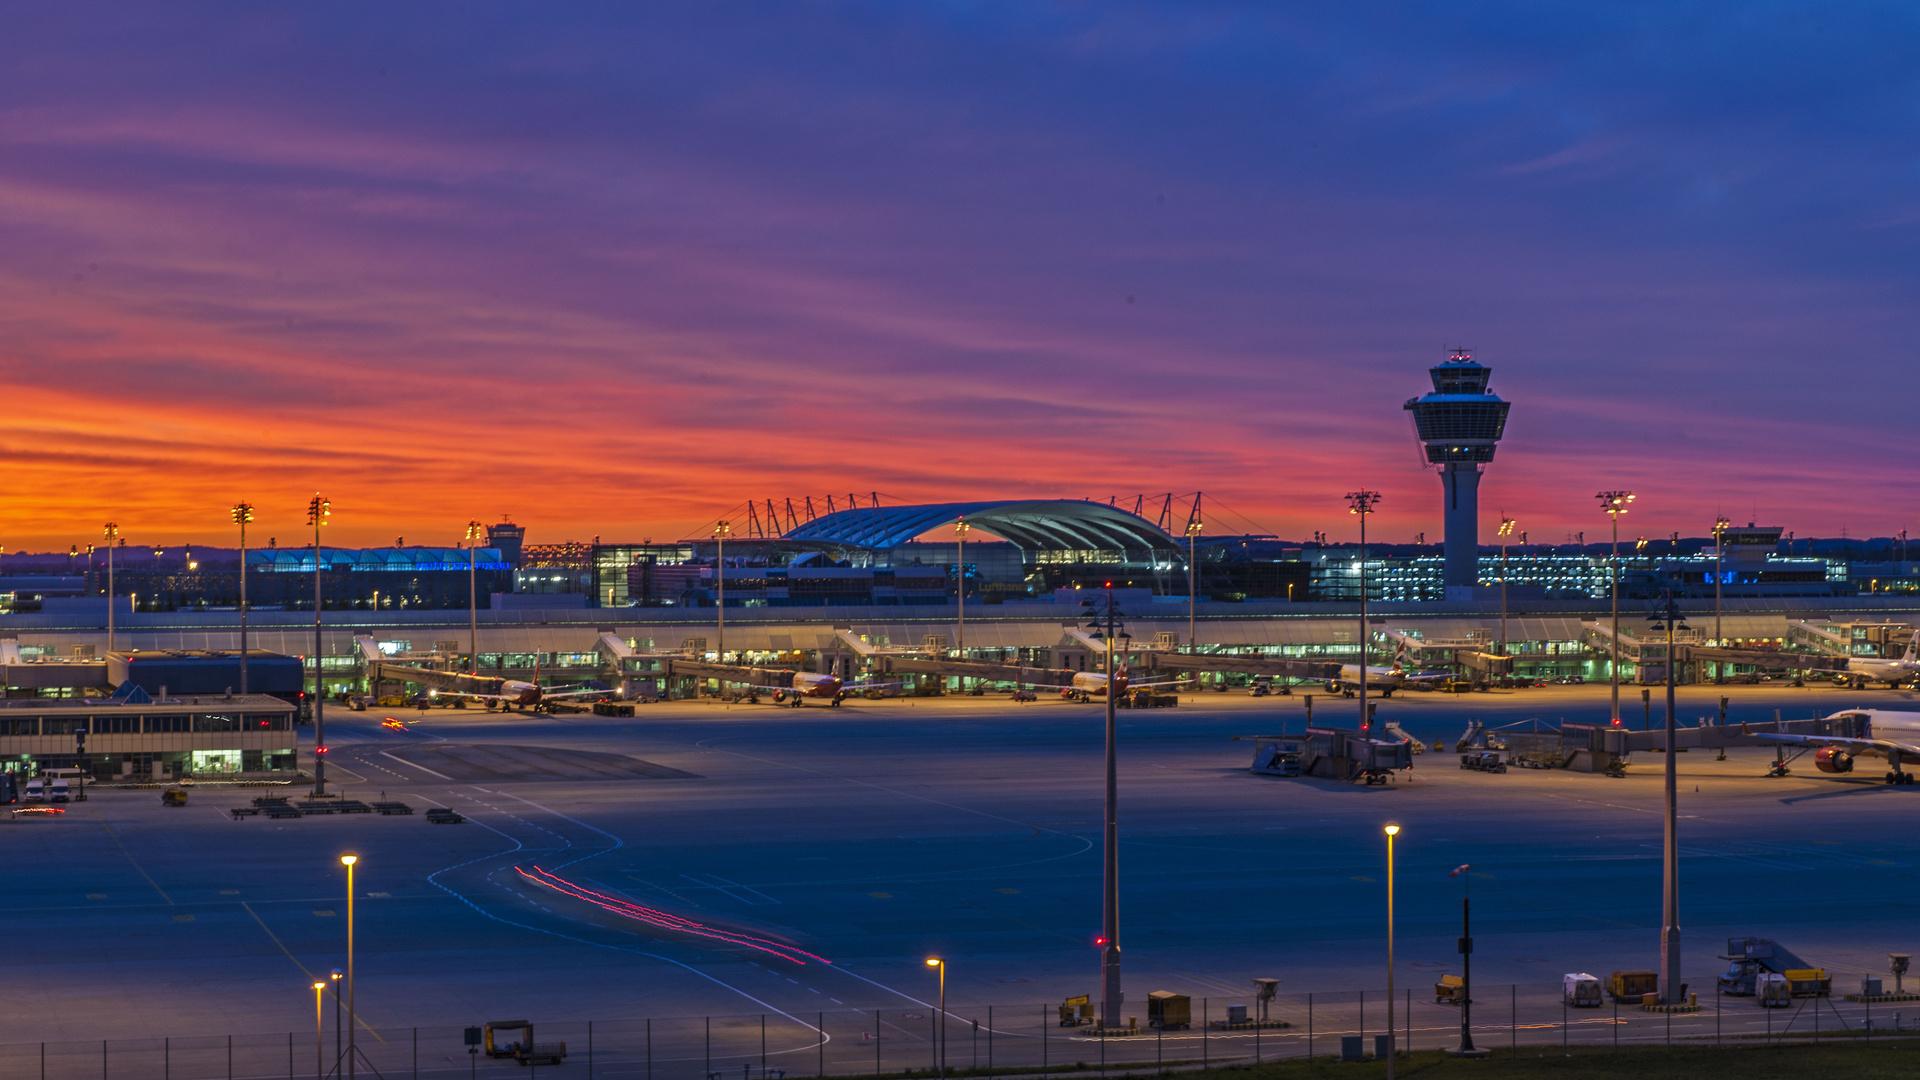 Sonnenaufgang Airport MUC - 2